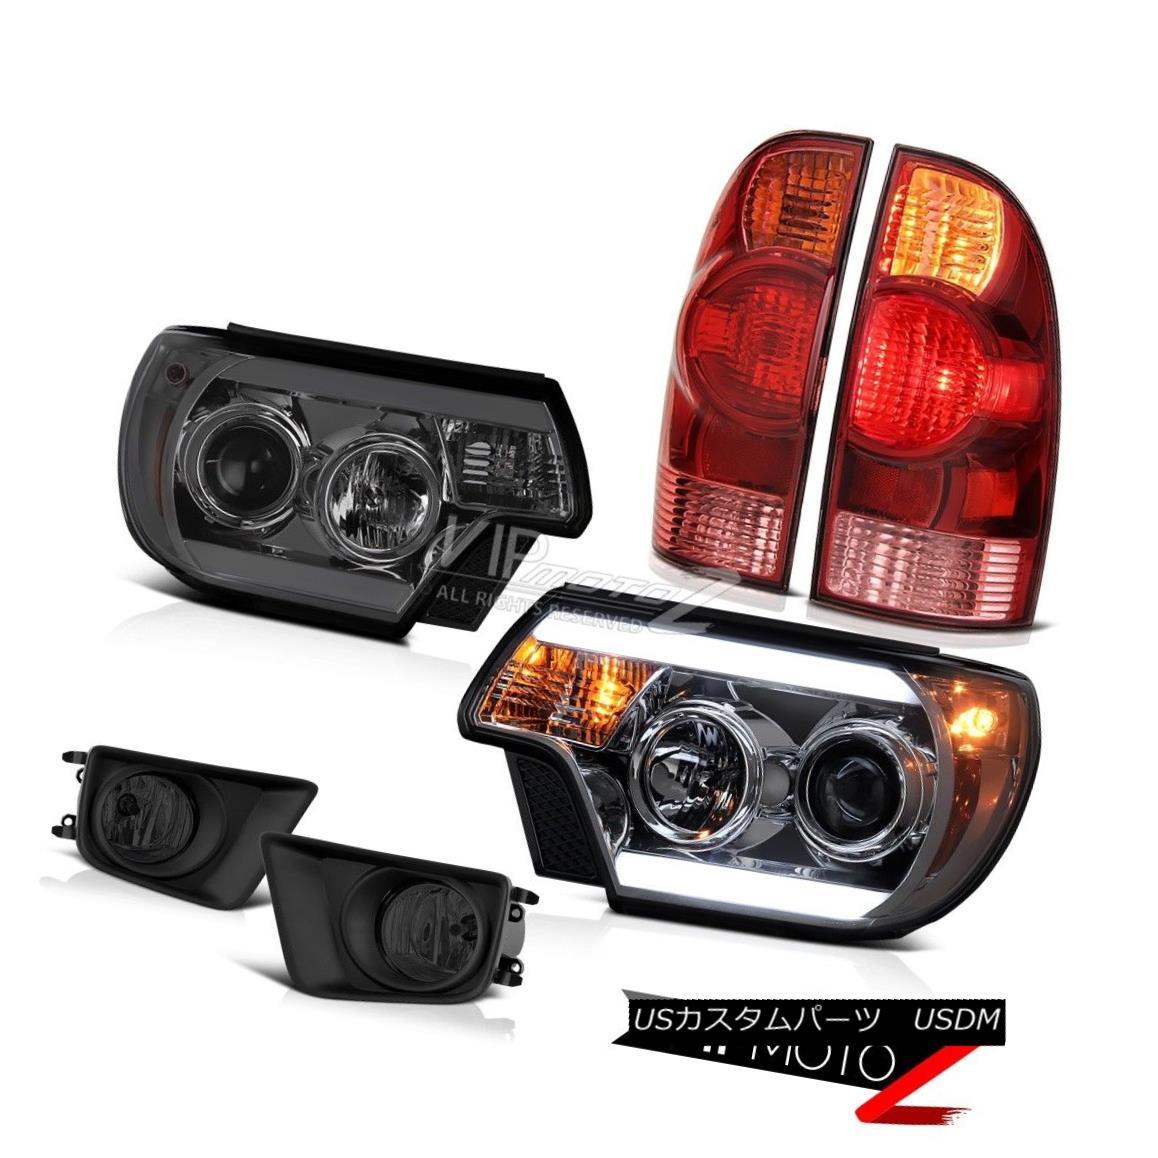 ヘッドライト 12-15 Toyota Tacoma 4X4 Foglamps headlamps taillamps Light Bar Tron Style Cool 12-15トヨタタコマ4X4フォグランプヘッドランプテールランプライトバートロンスタイルクール